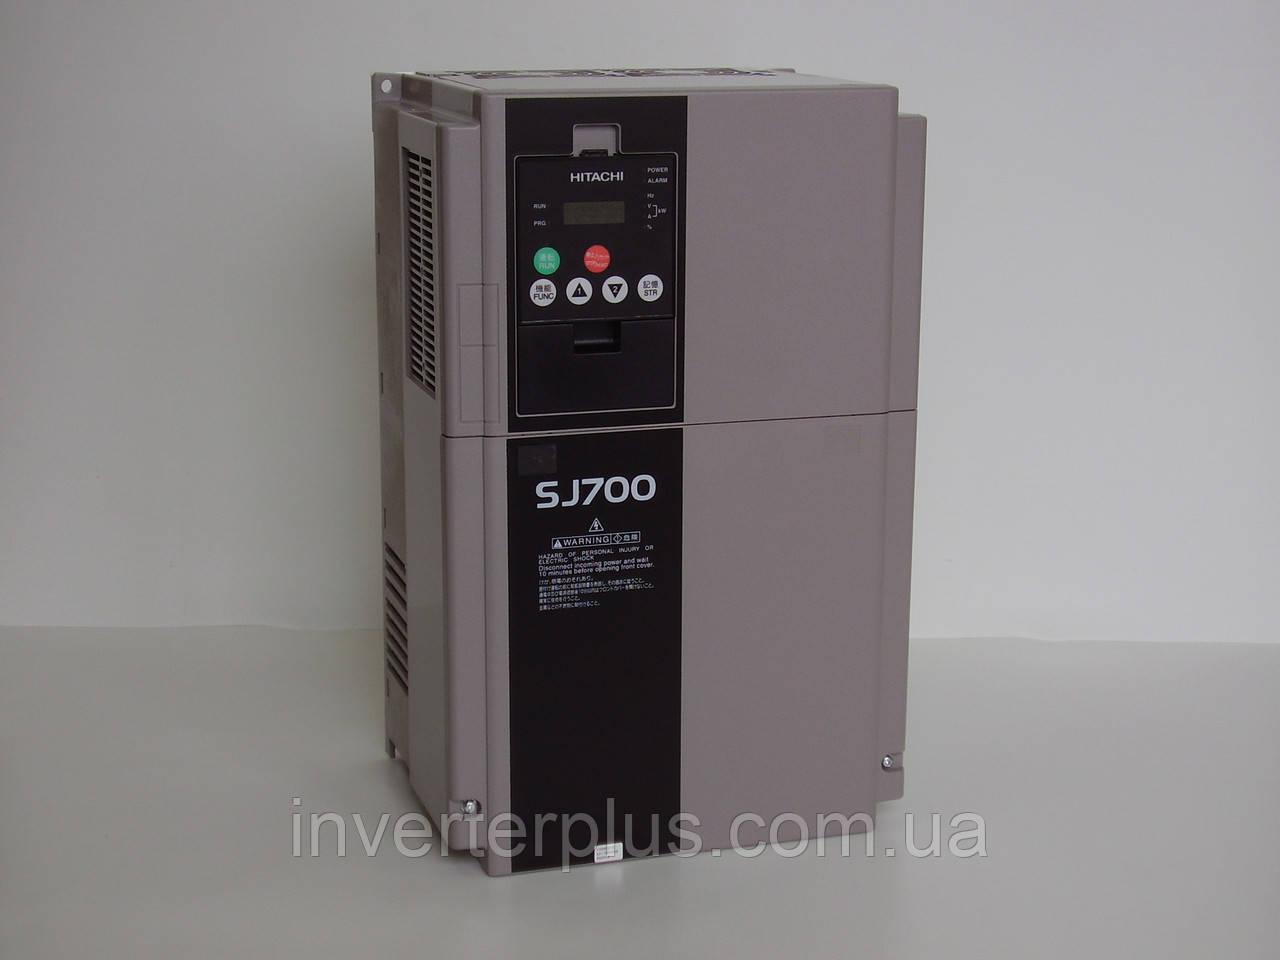 SJ700D-370HFEF3, 37кВт/380В. Частотники Hitachi